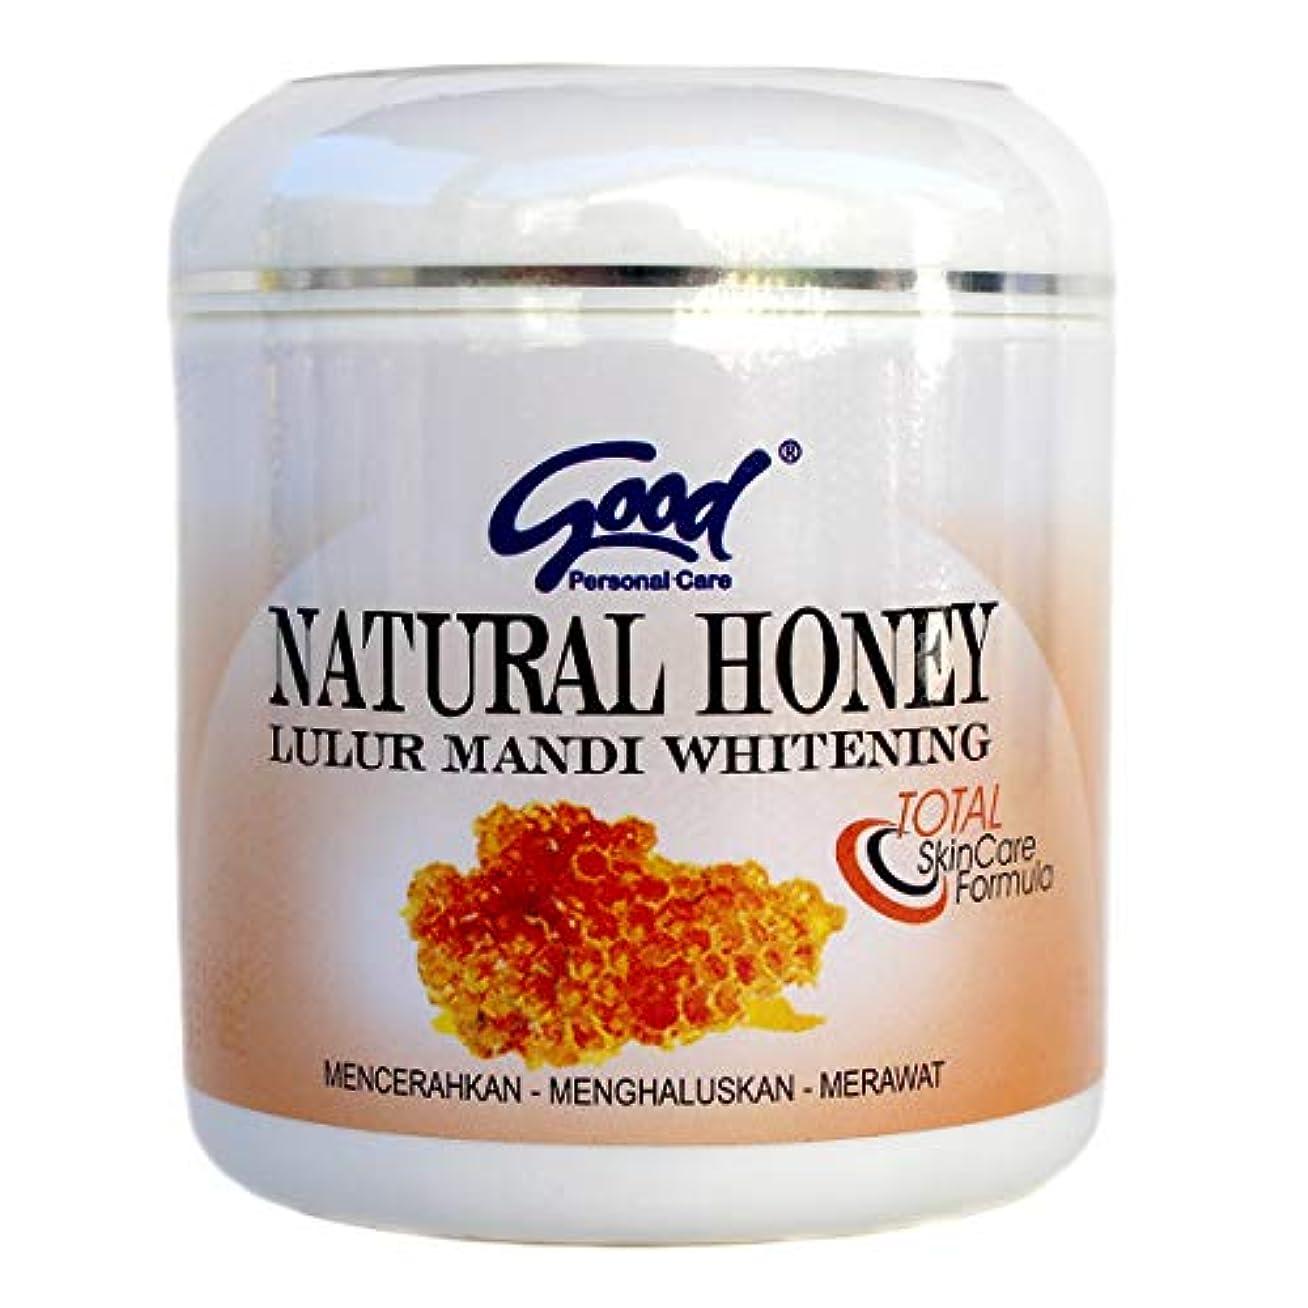 教えて子猫衝動good グッド インドネシアバリ島の伝統的なボディスクラブ Lulur Mandi マンディルルール 200g Natural Honey ナチュラルハニー [海外直送品]